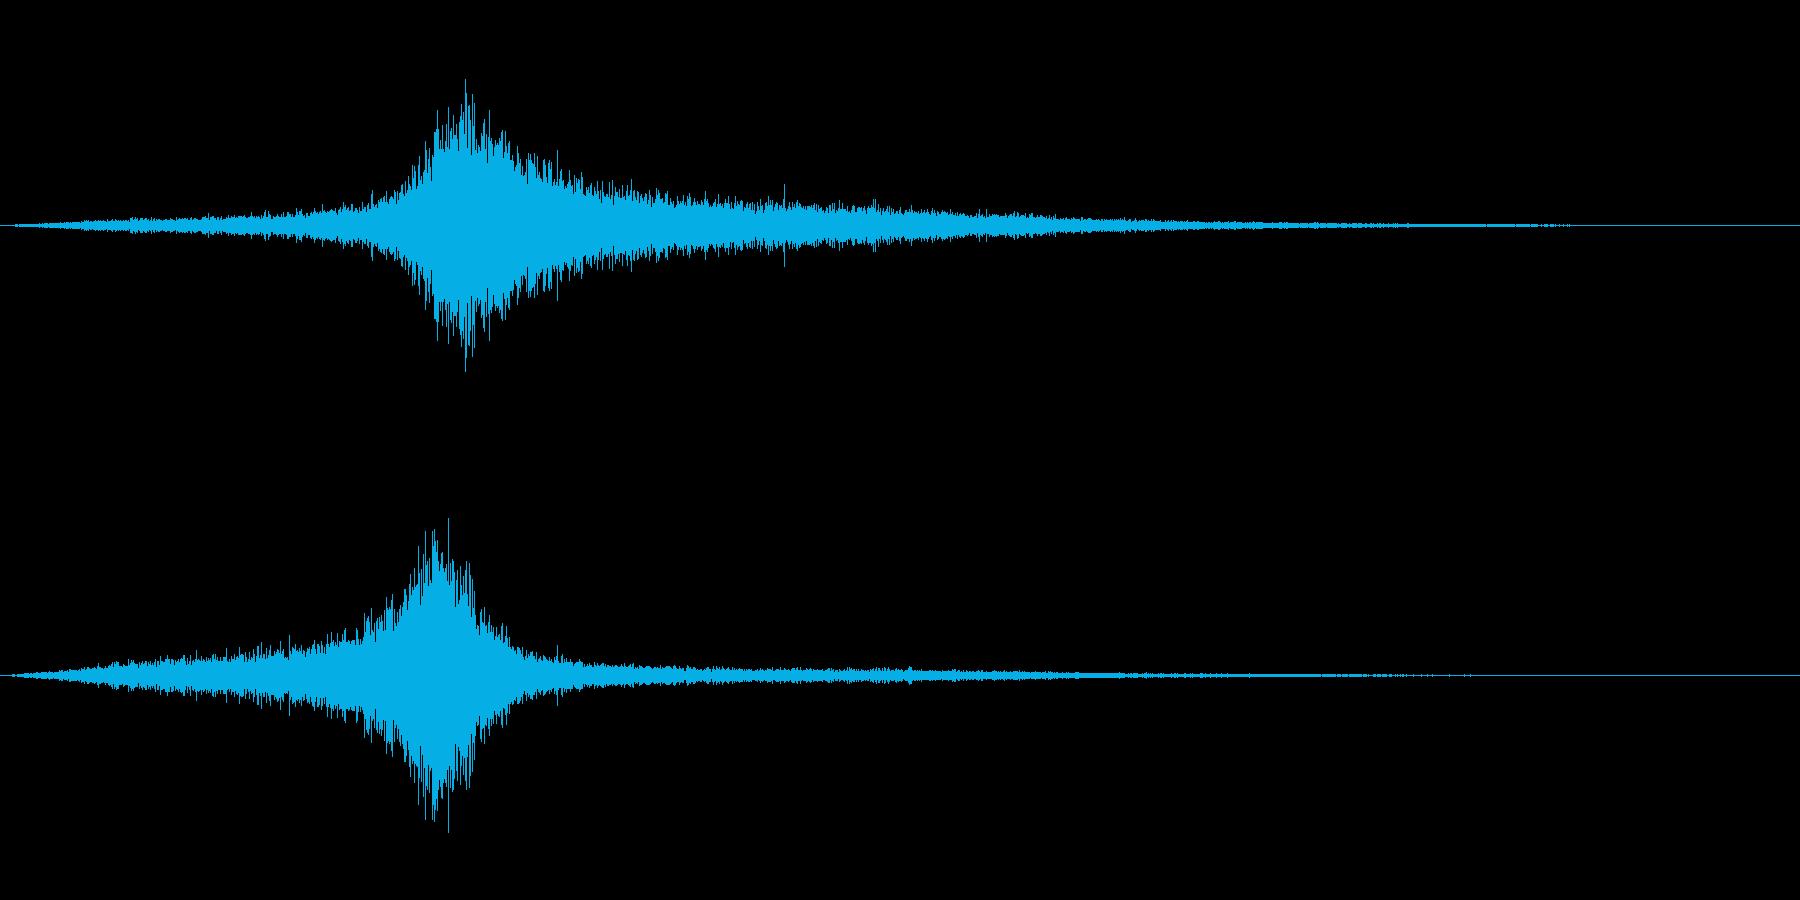 【生録音】 早朝の街 交通 環境音 13の再生済みの波形